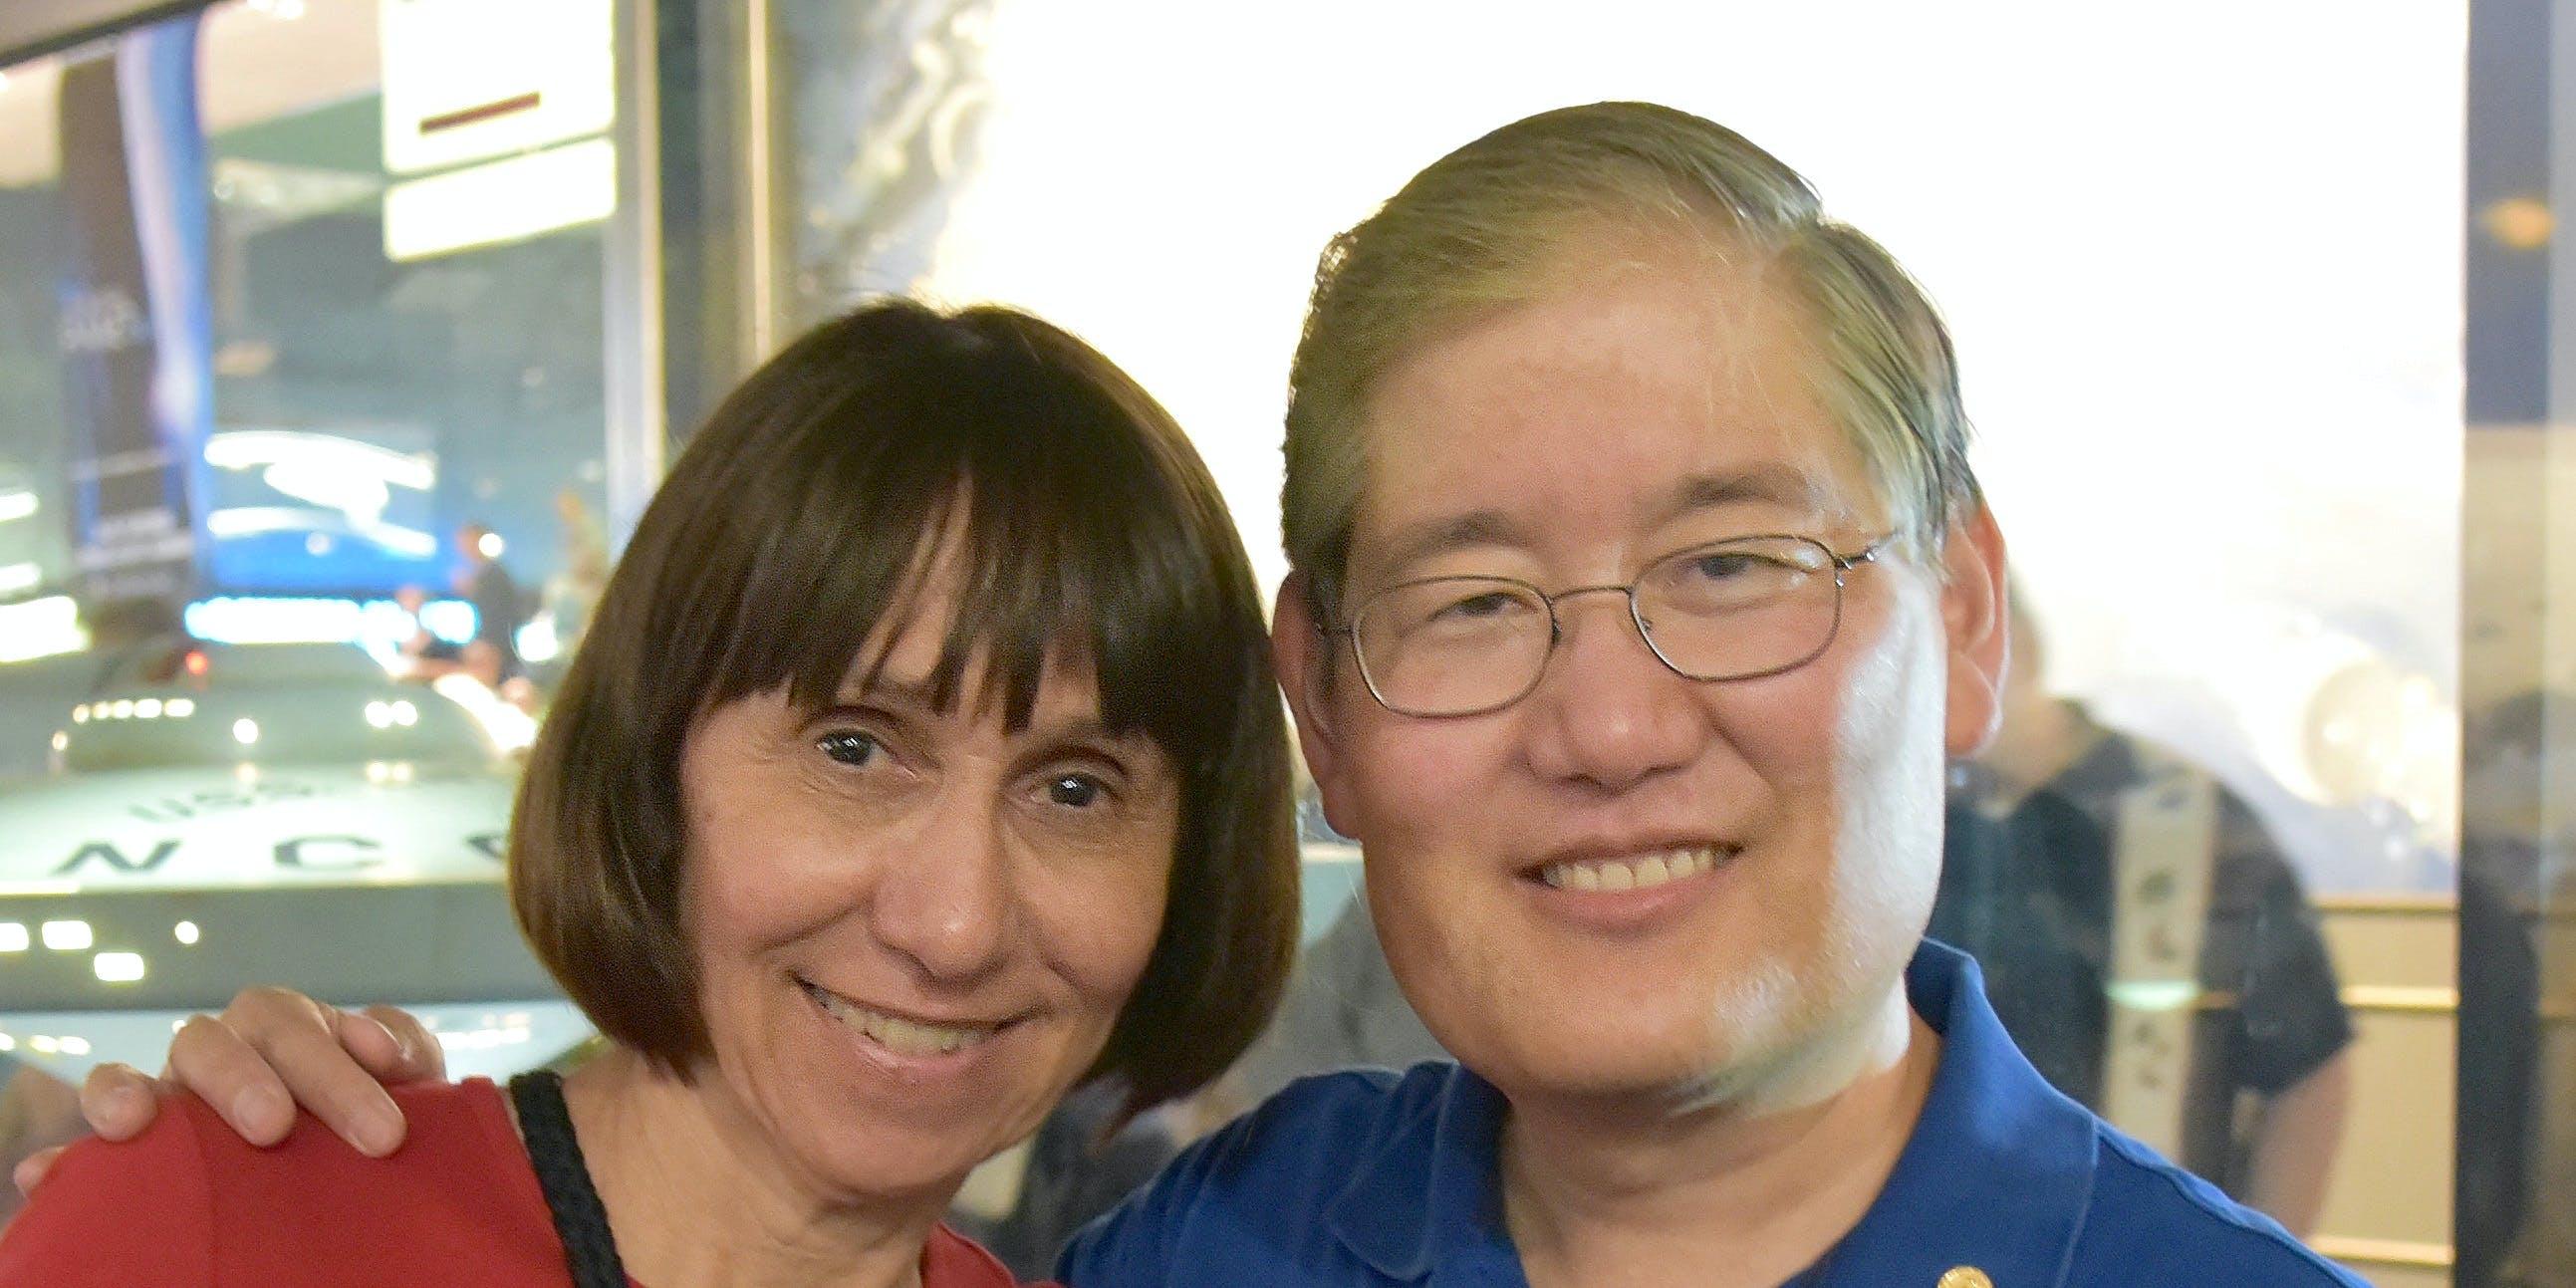 Denise and Michael Okuda